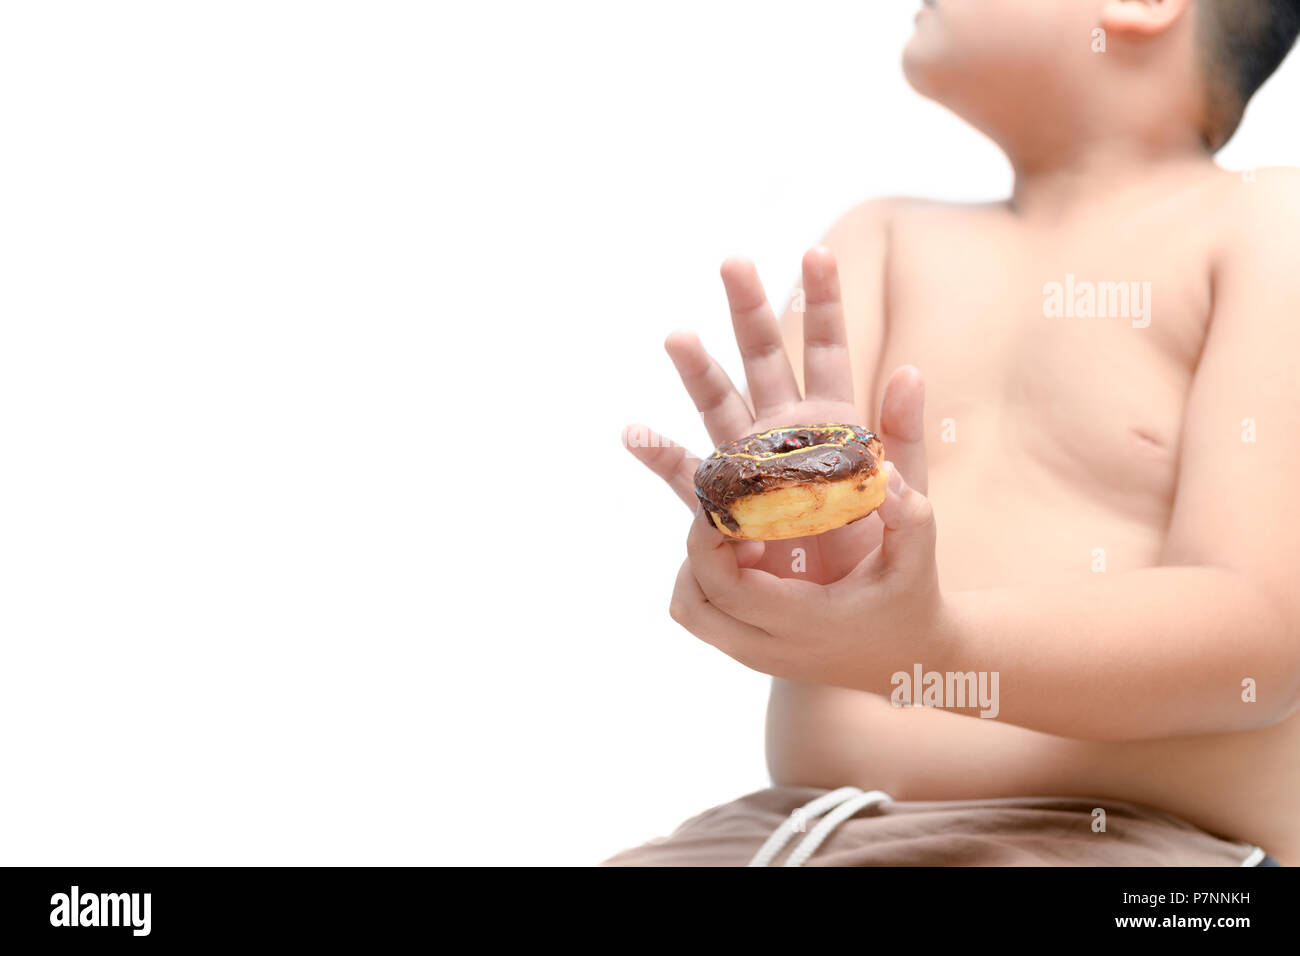 Obesi fat boy si rifiuta di mangiare ciambella isolati su sfondo bianco - Concetto di dieta Immagini Stock